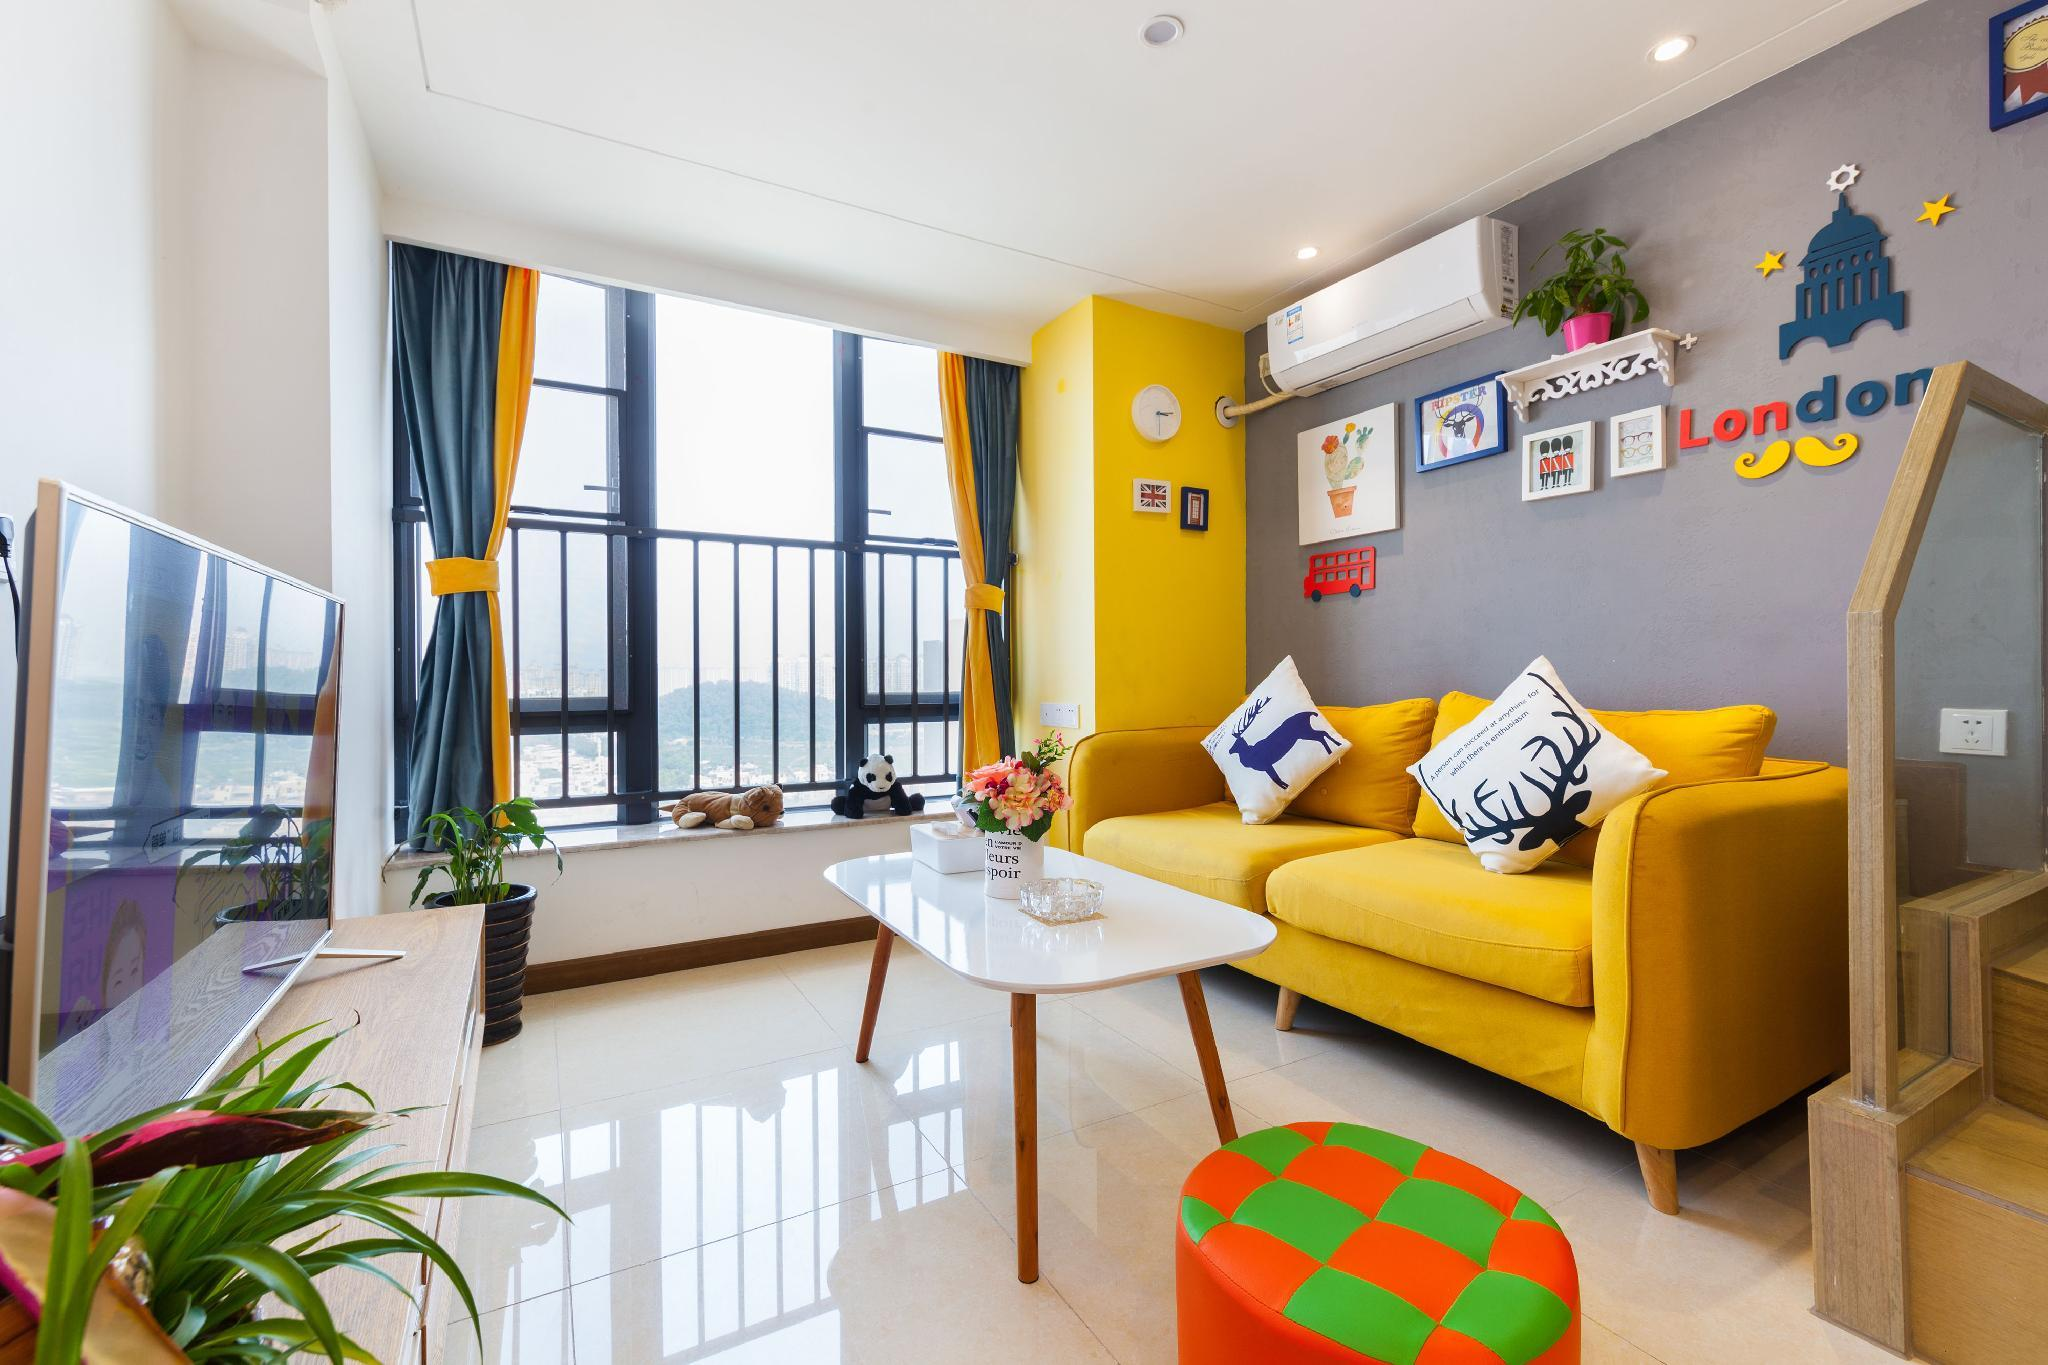 Guangzhou ChangLong/Wanda CBD 2 bedroom apatrment  Reviews